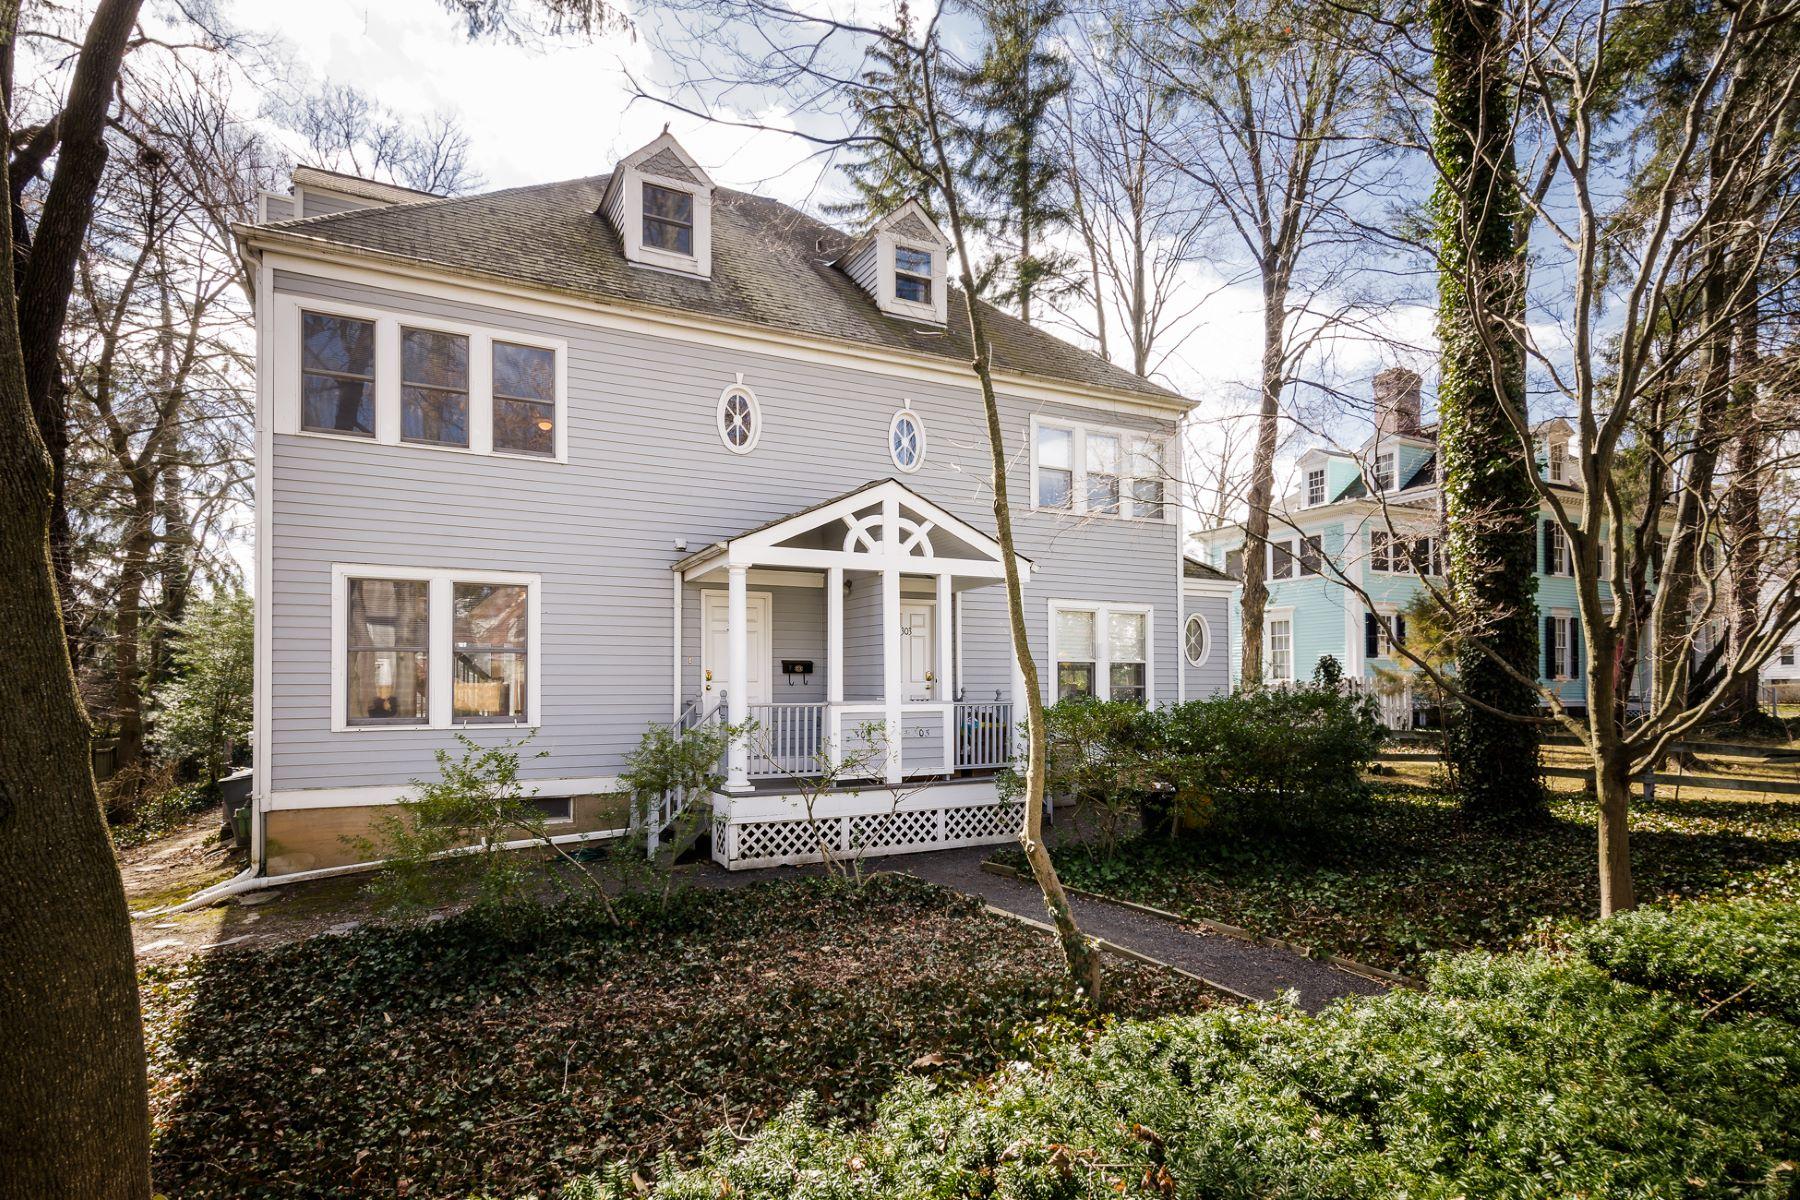 단독 가정 주택 용 매매 에 Sunny Townhome, Perfectly Poised on Nassau Street 305 Nassau Street Princeton, 뉴저지, 08540 미국